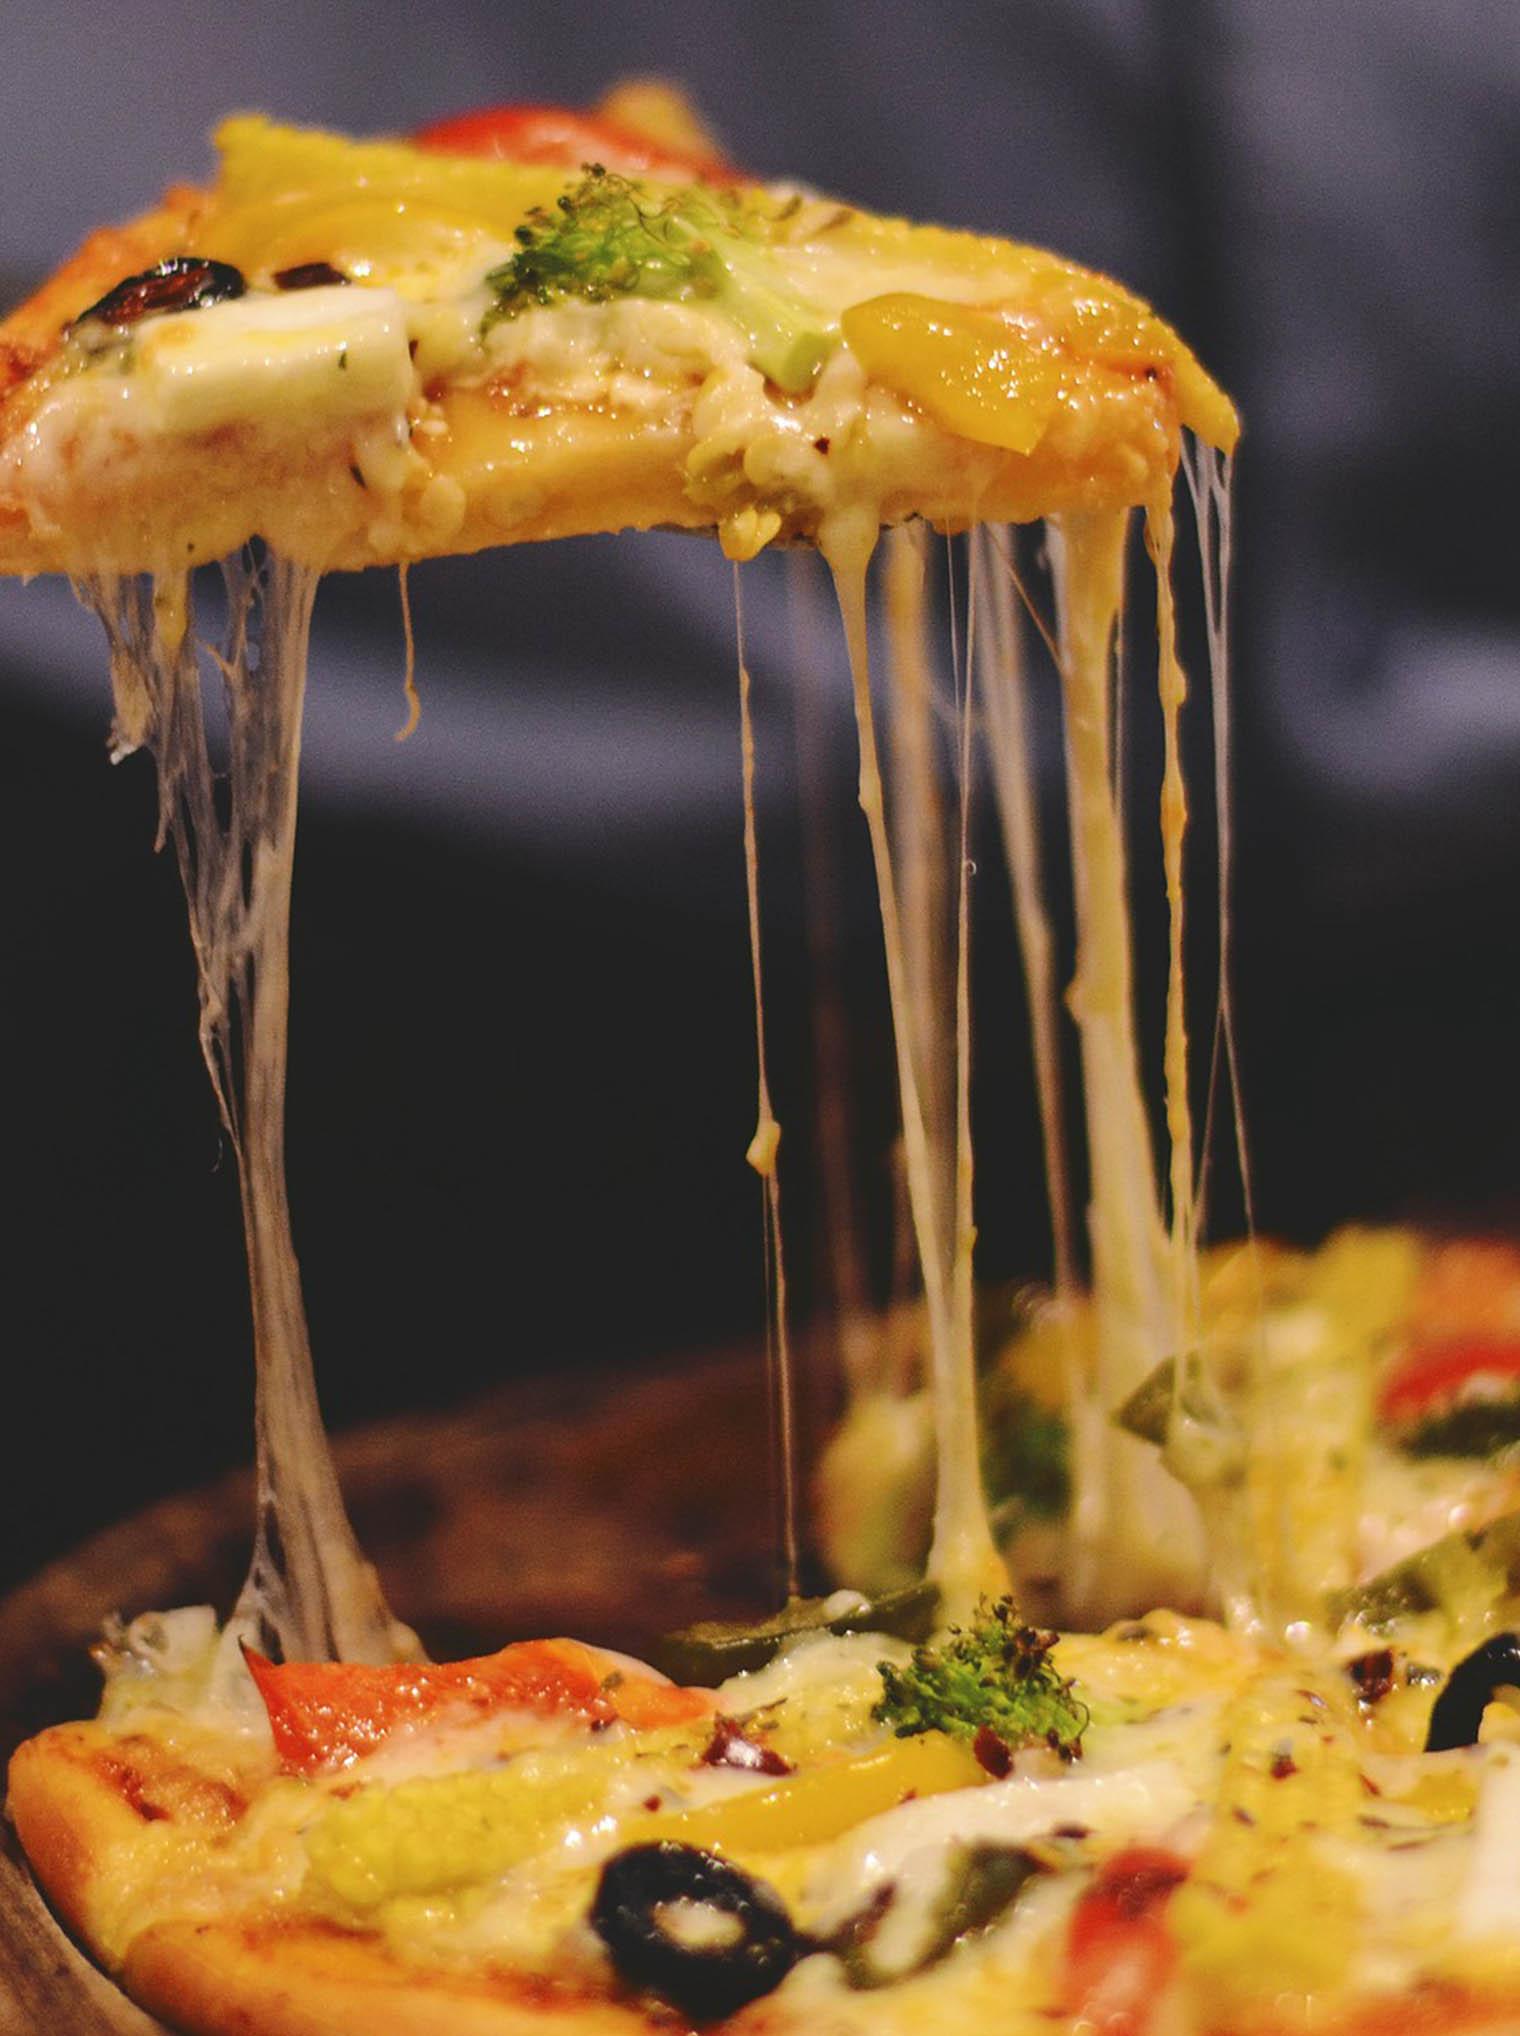 Il Colosseo im Hotel am Schloß Treptow Köpenick 12555 Berlin Grünauer Str Ristorante und Pizzeria Italienisches Restaurant italienisch küche Pizza 70